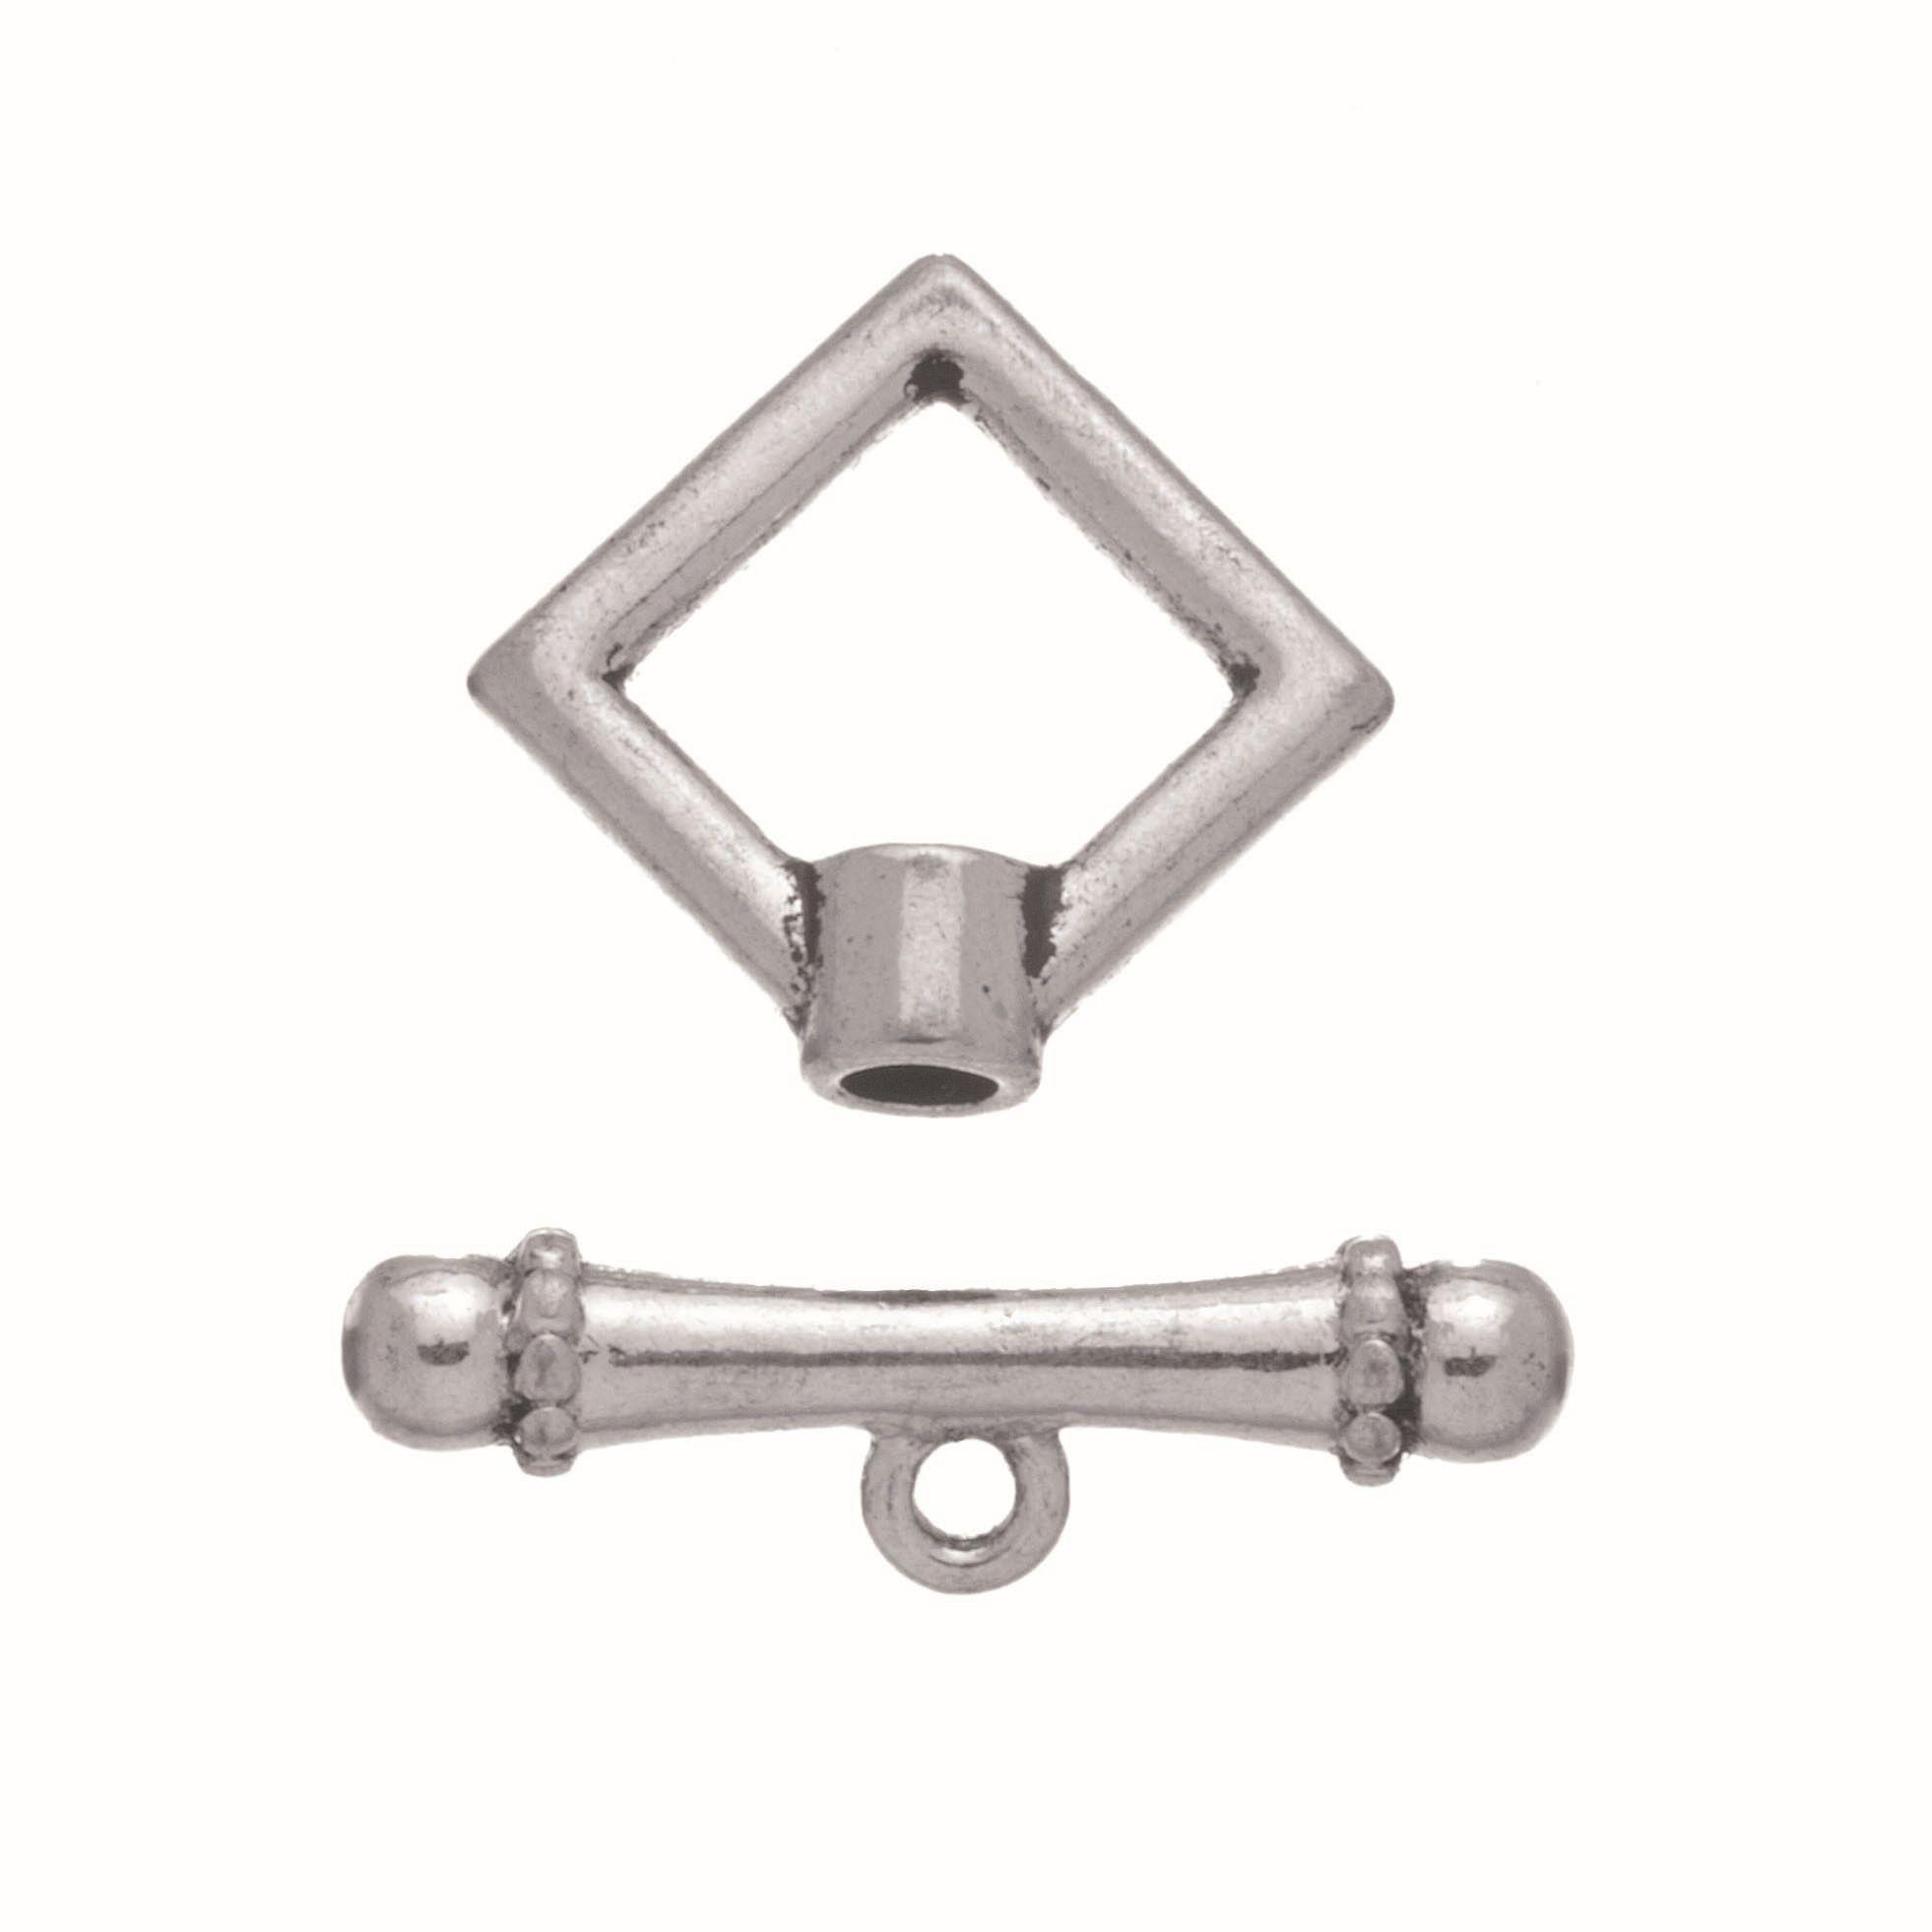 63714004 Застежка металлическая квадратная 4шт серебро Glorex